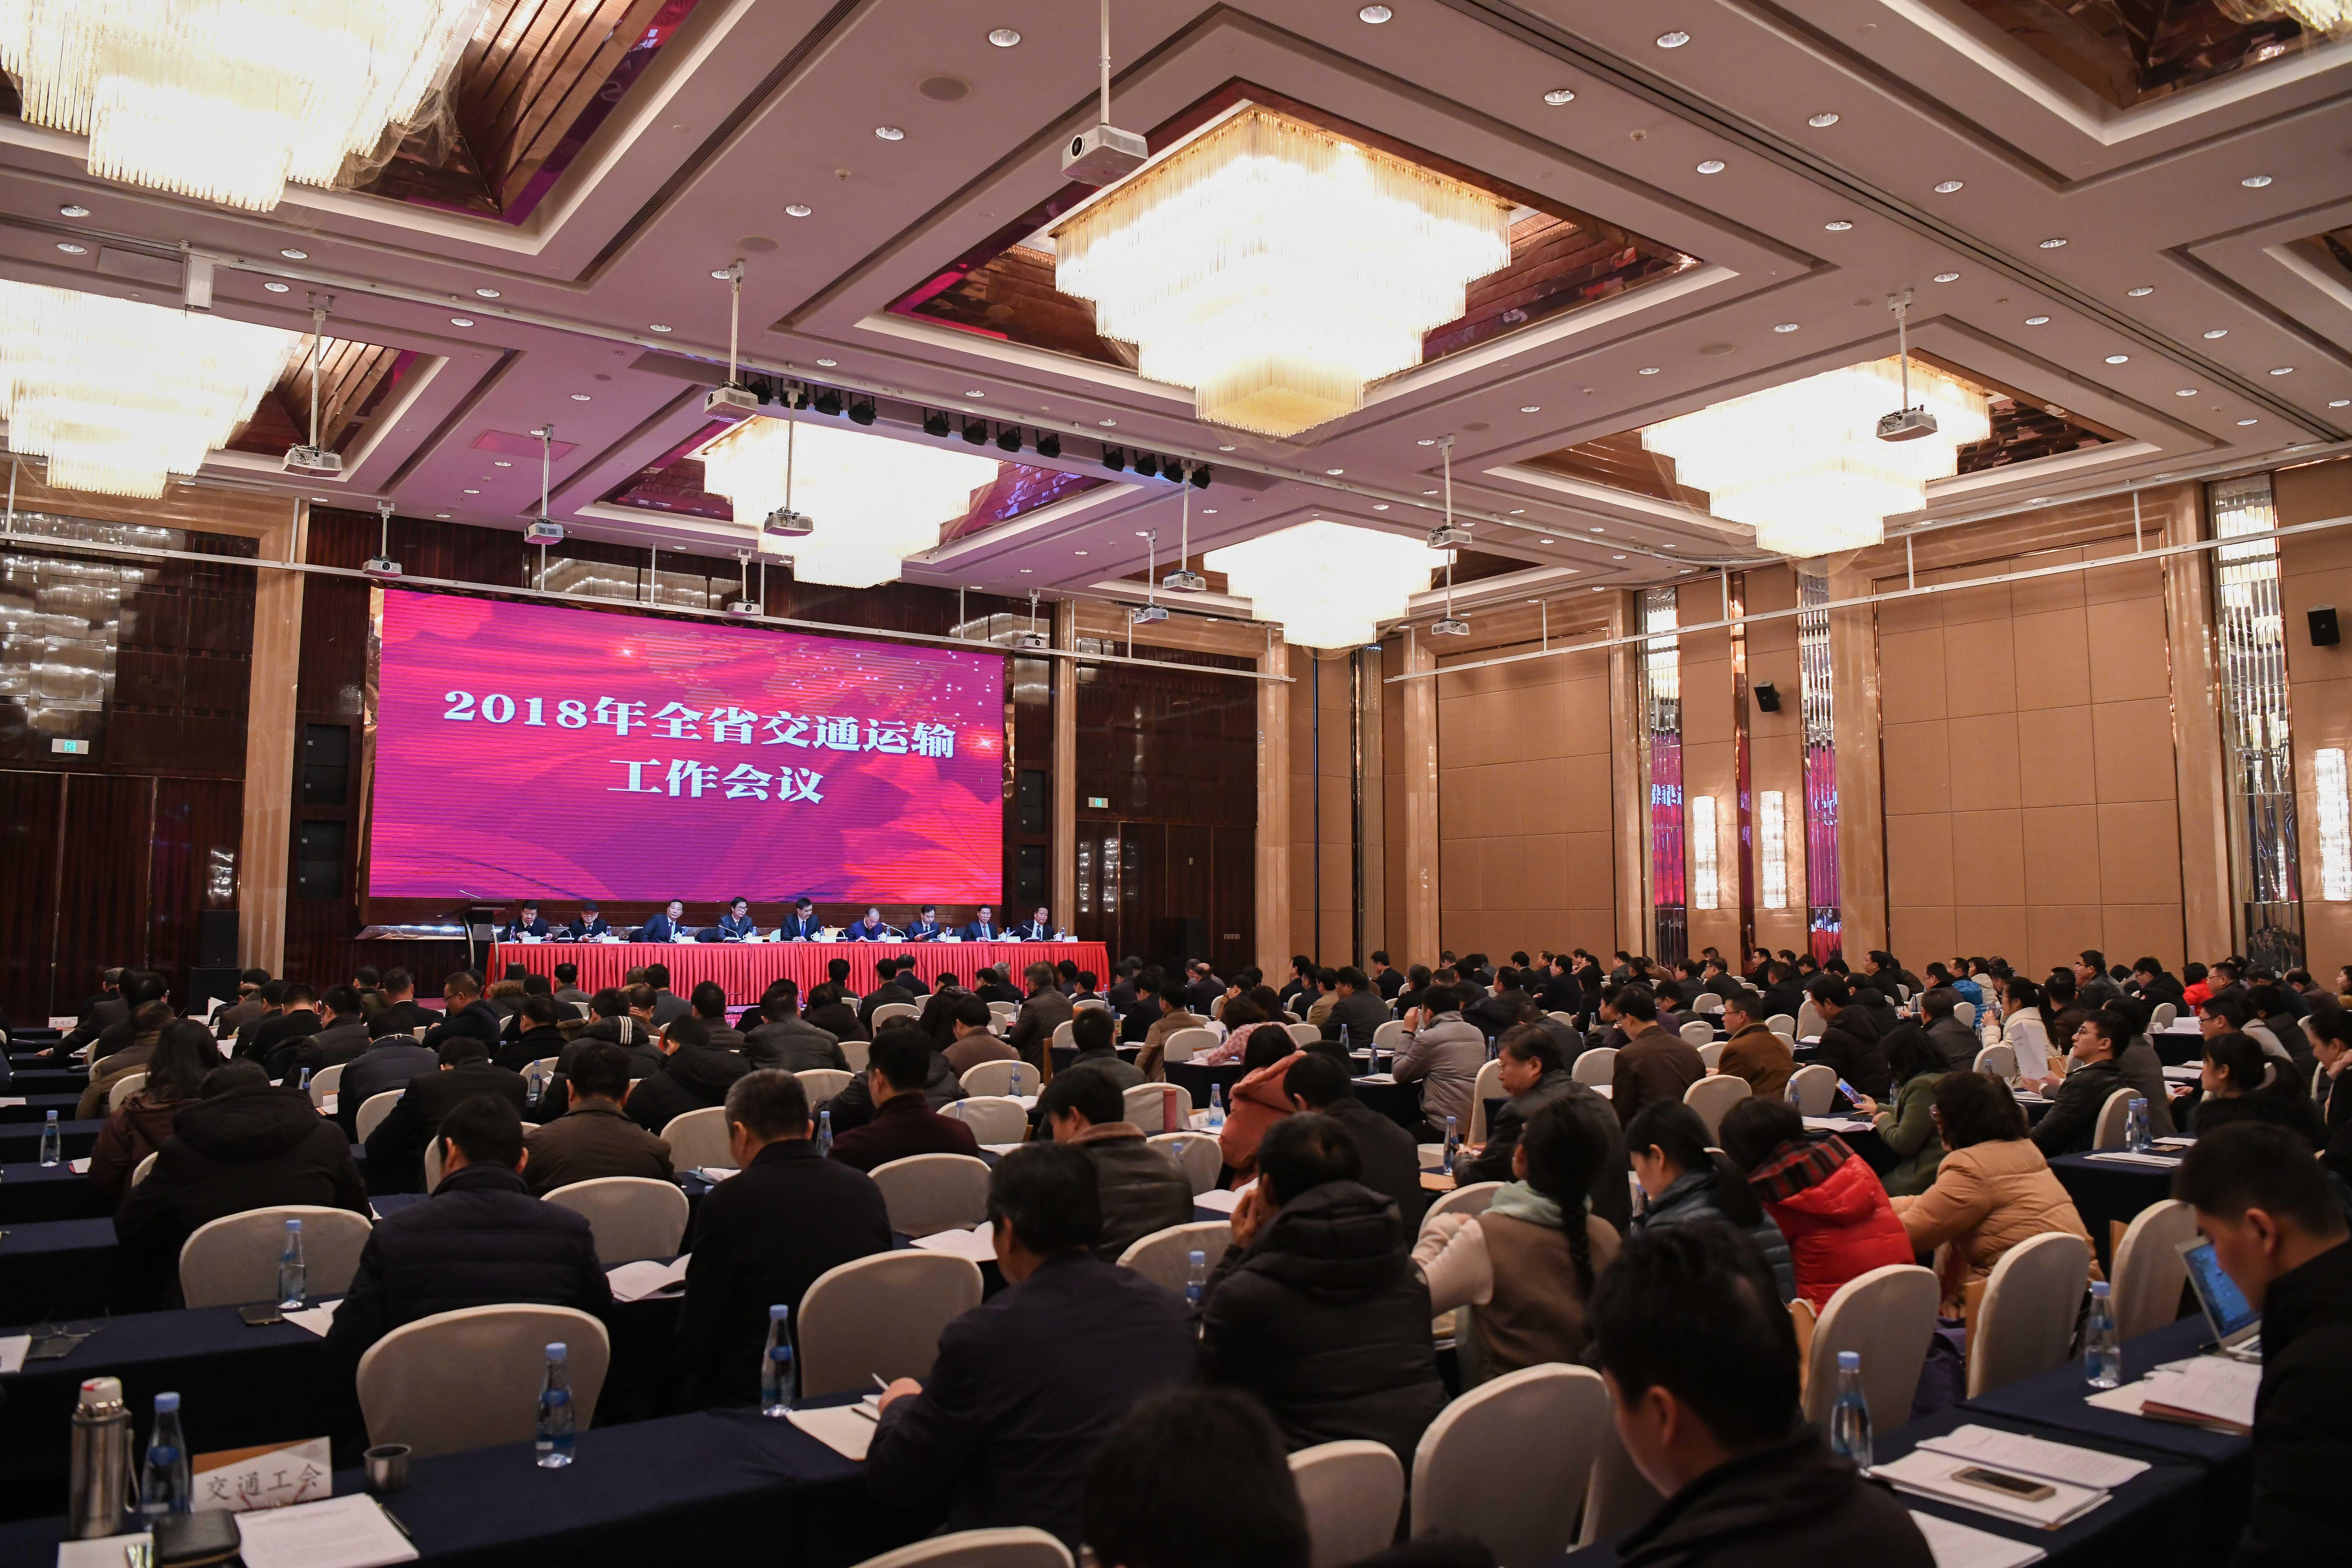 2018年湖南交通基础设施投资全年计划投资750亿元 新湖南www.hunanabc.com